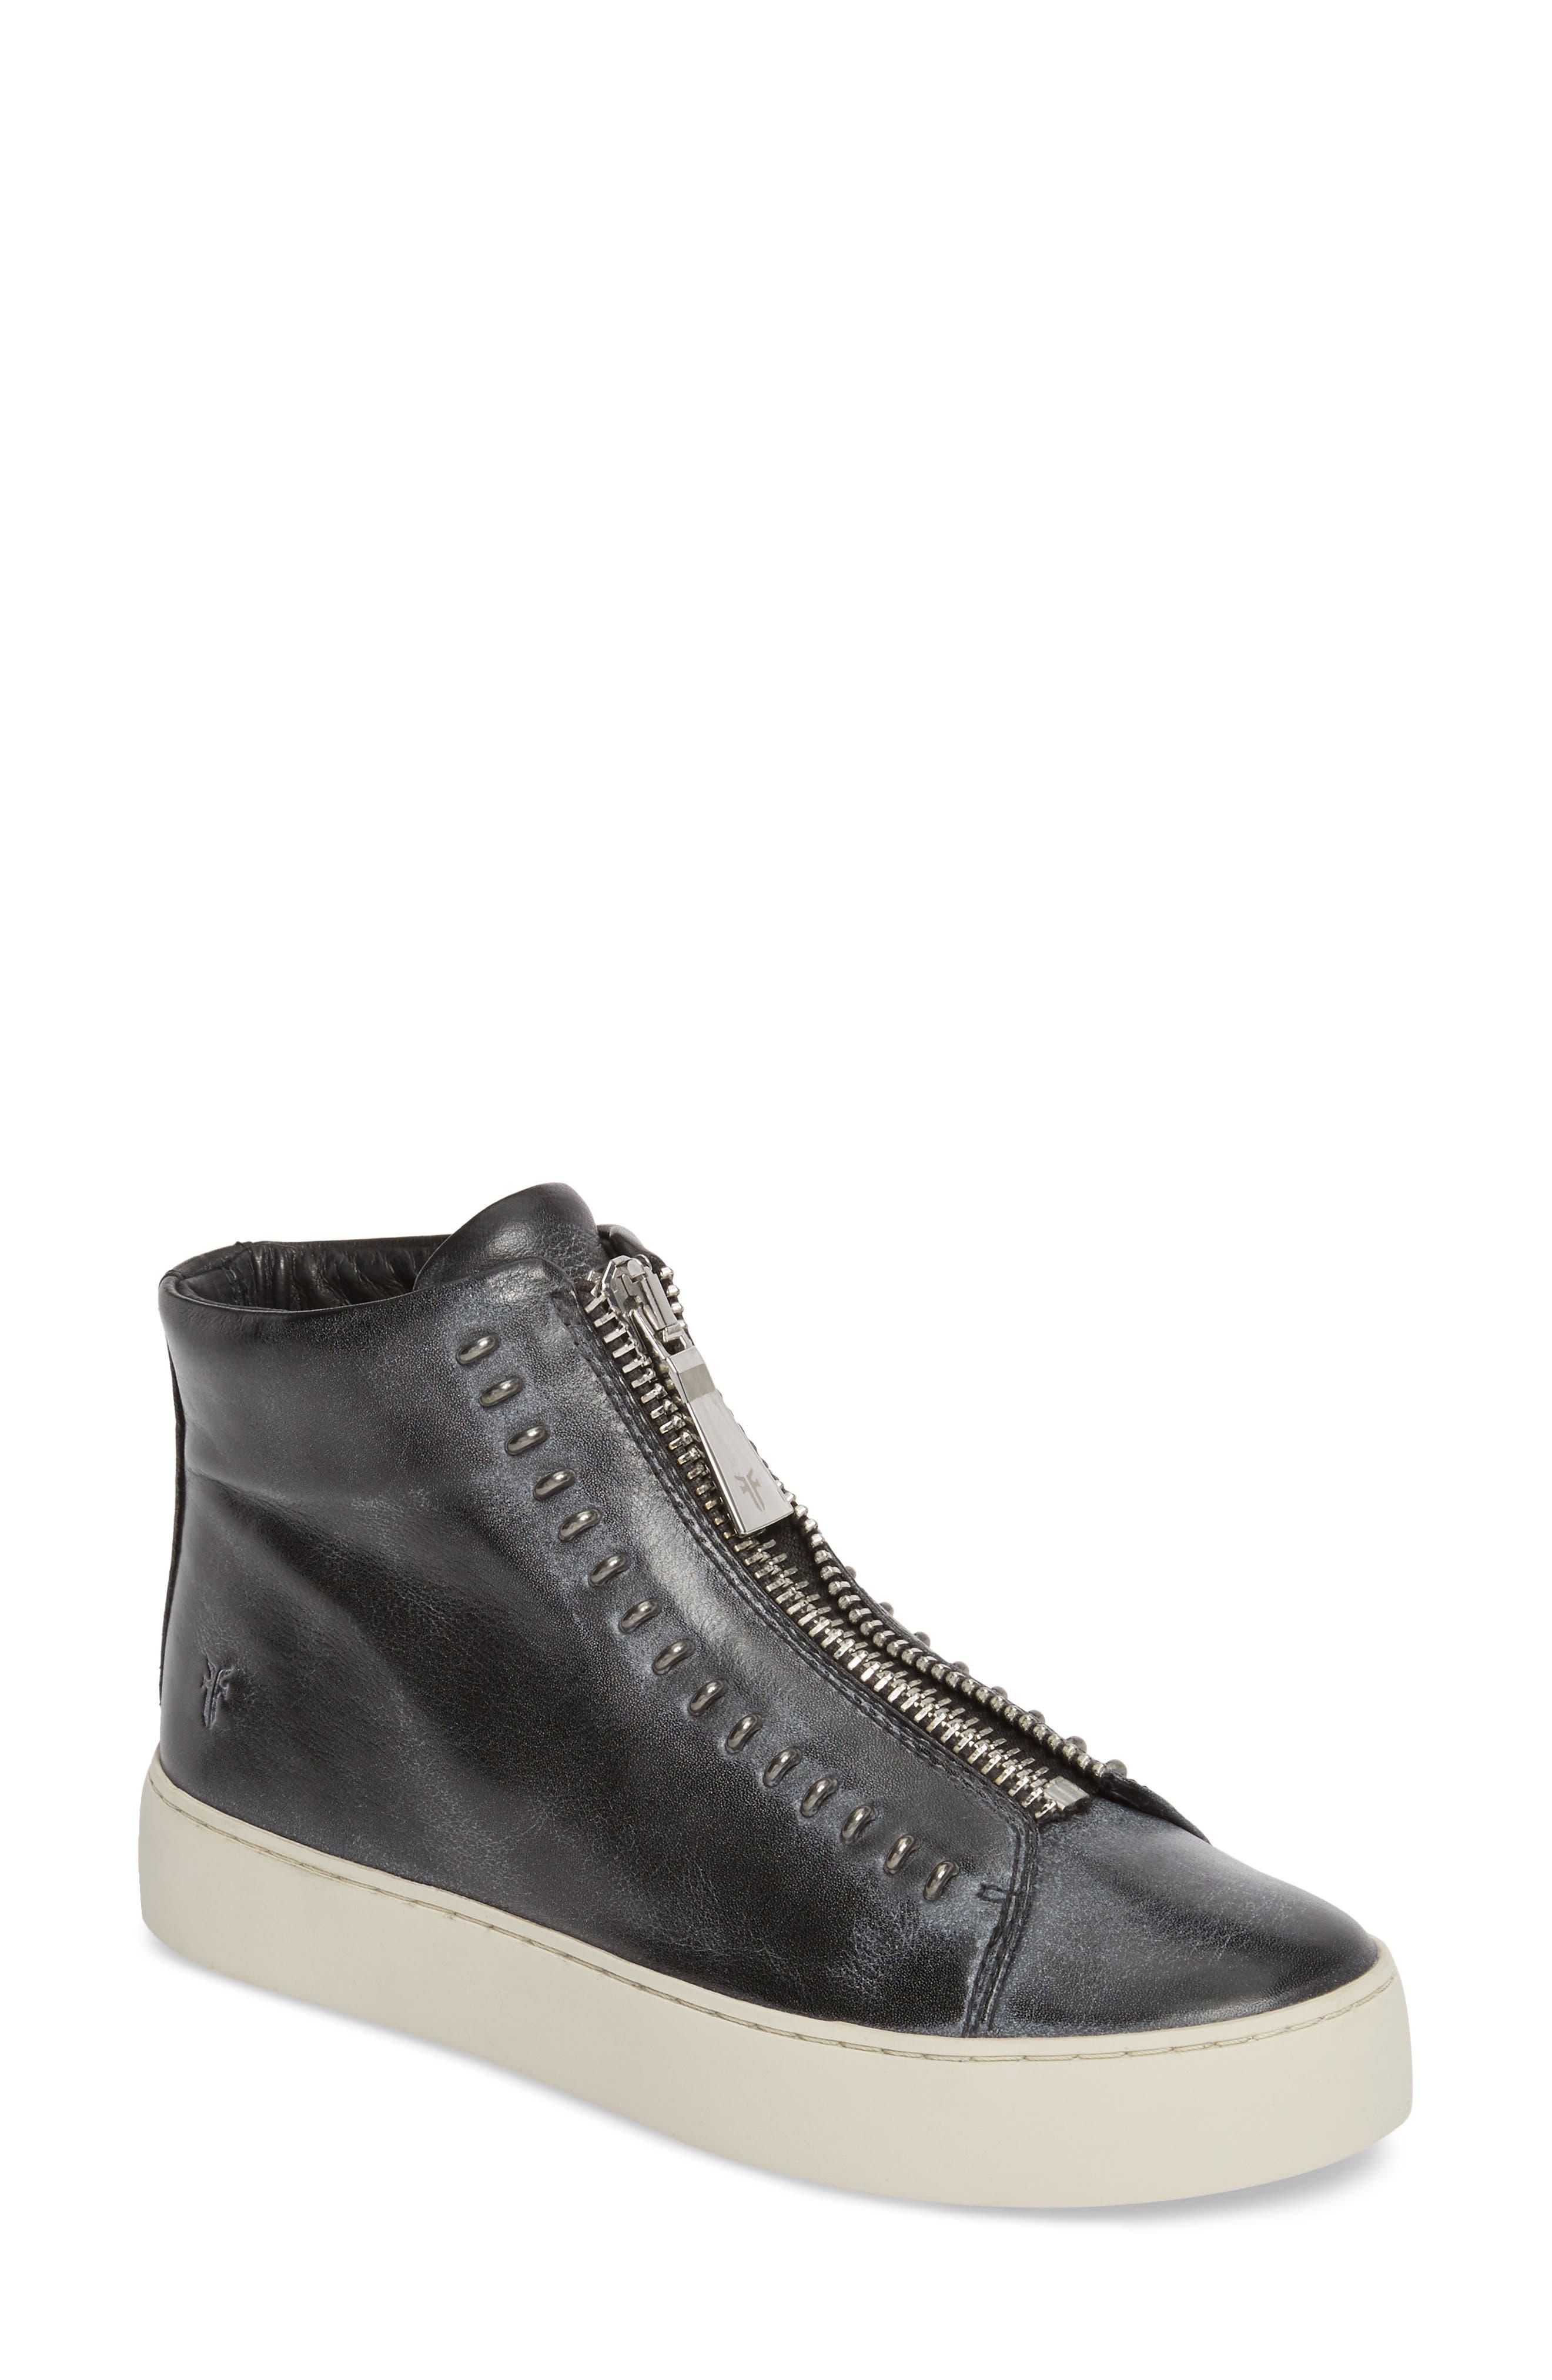 Lena Rebel Zip High Top Sneaker,                         Main,                         color, BLACK